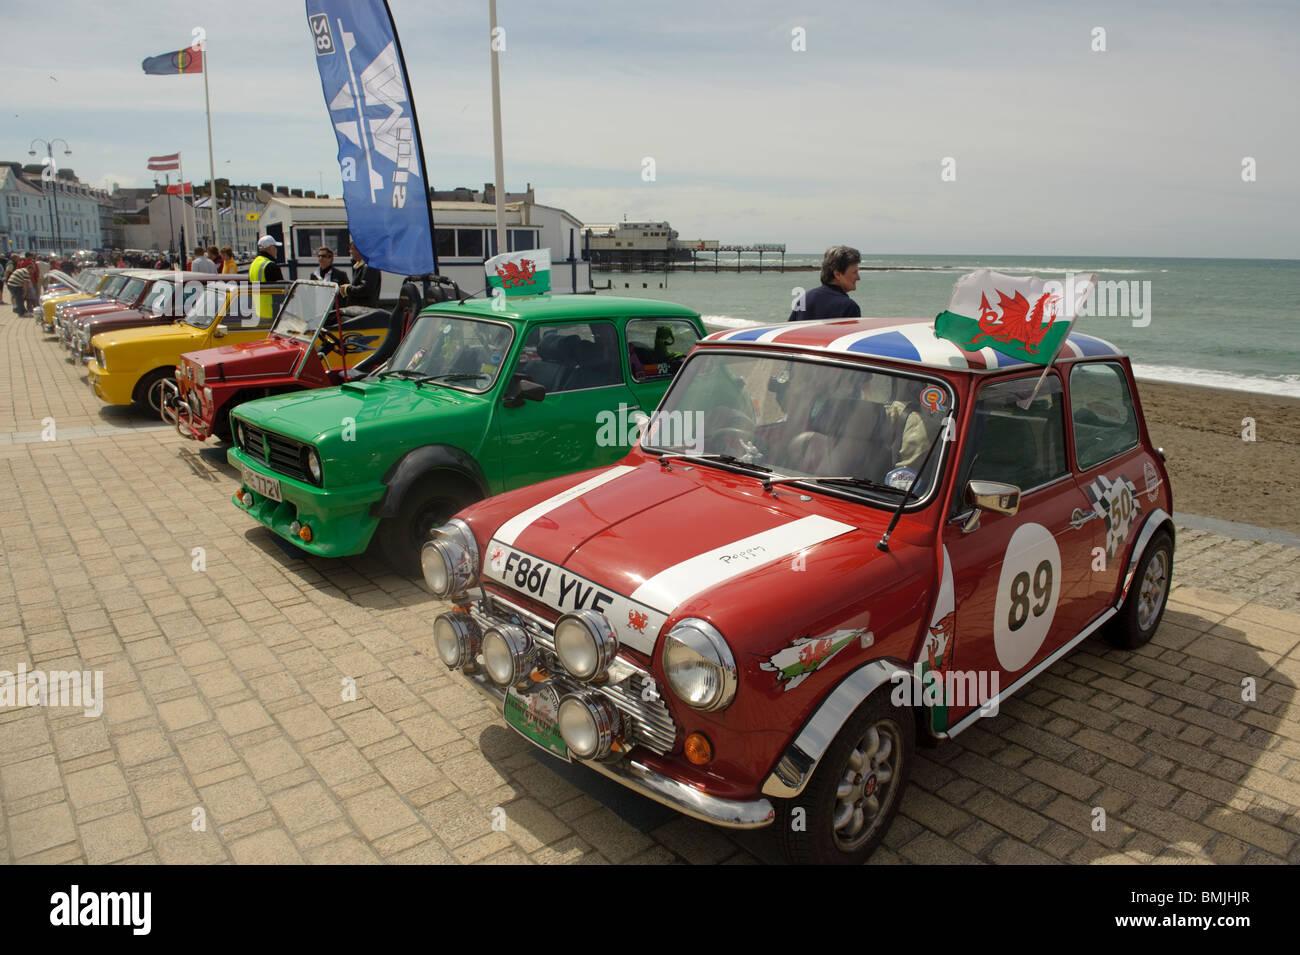 Les propriétaires de voiture Mini groupe rallye réunion sur la promenade du front de mer, le Pays de Galles Photo Stock